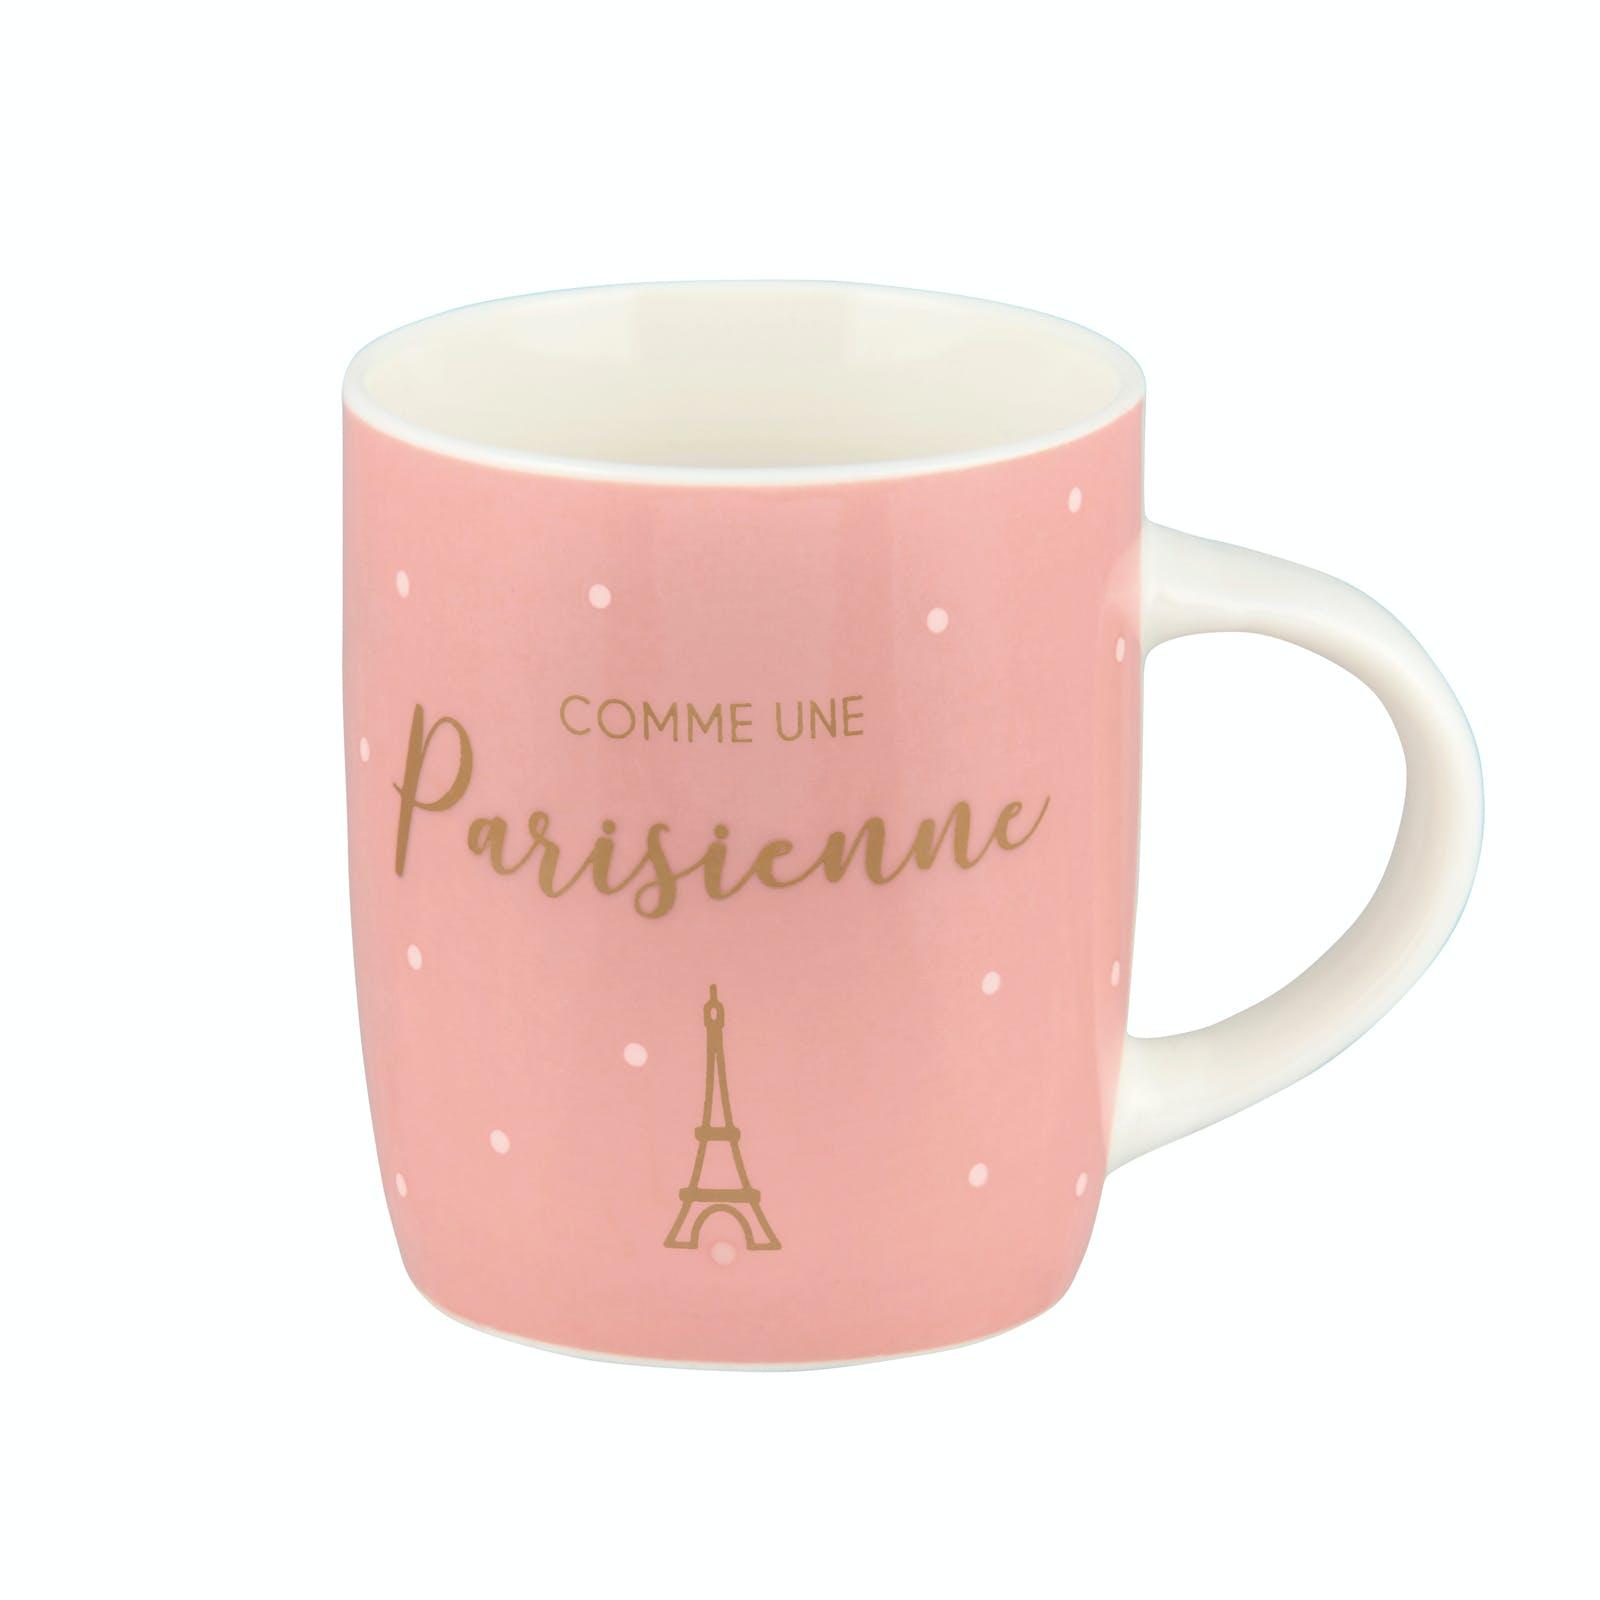 COMME UNE PARISIENNE Tasse à café rose à pois blancs 7cm